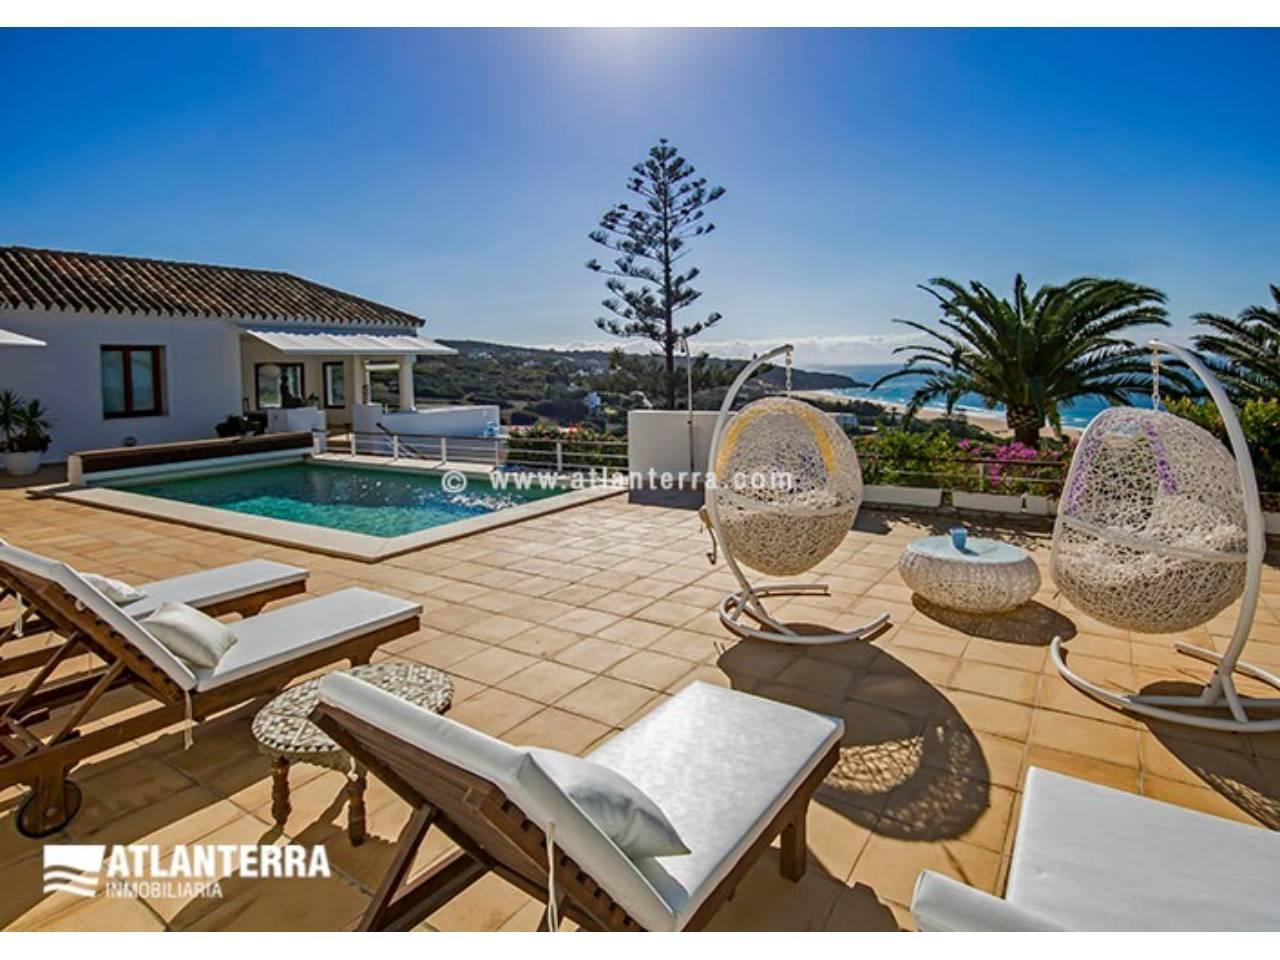 25885350 3170057 foto 599290 - Estilo rústico, privacidad y vistas maravillosas en esta villa en Zahara de los Atunes (Cádiz)